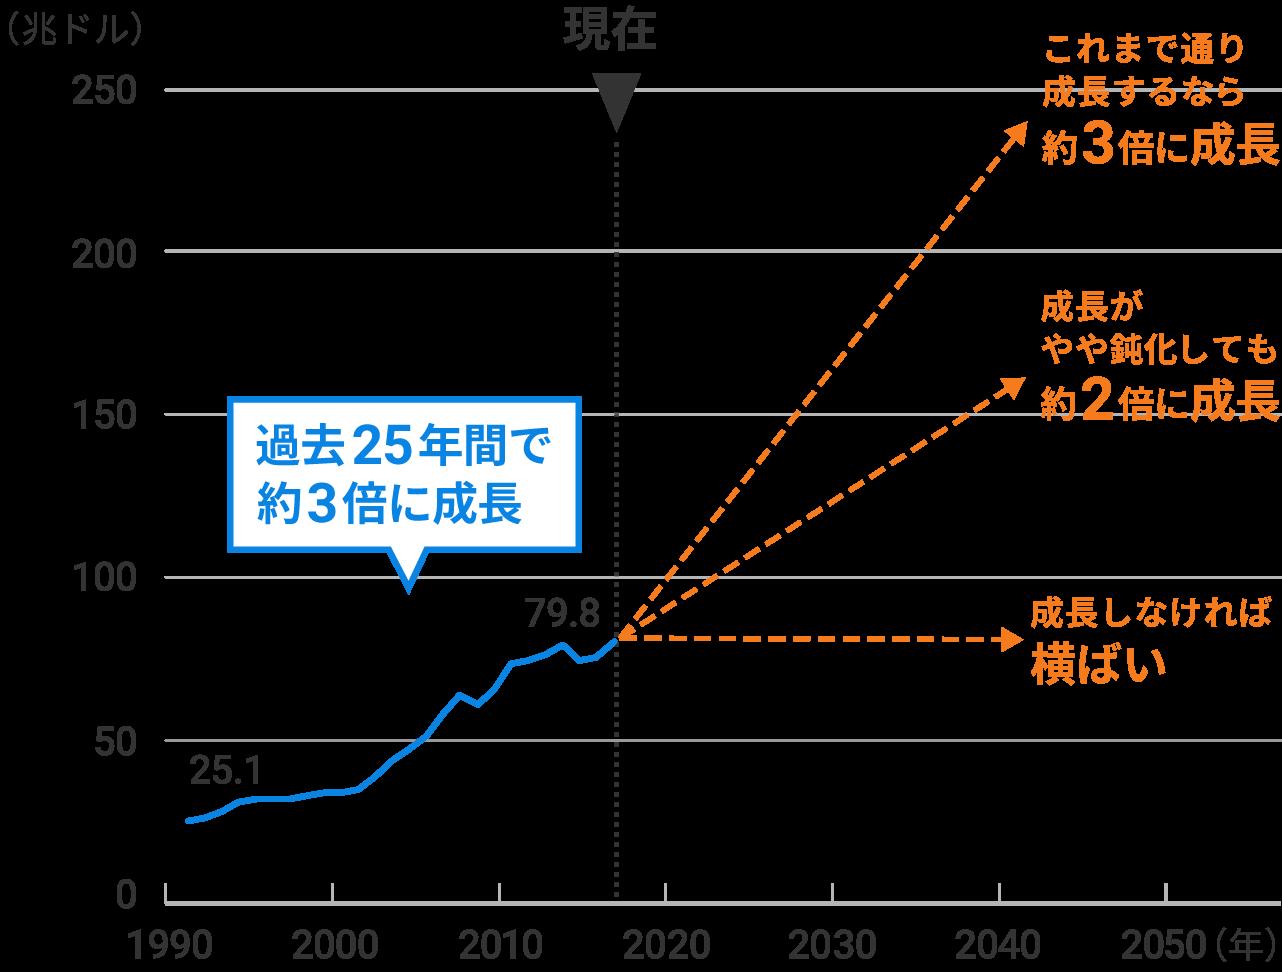 1992年から25年間のGDPの推移および将来予測のイメージ図